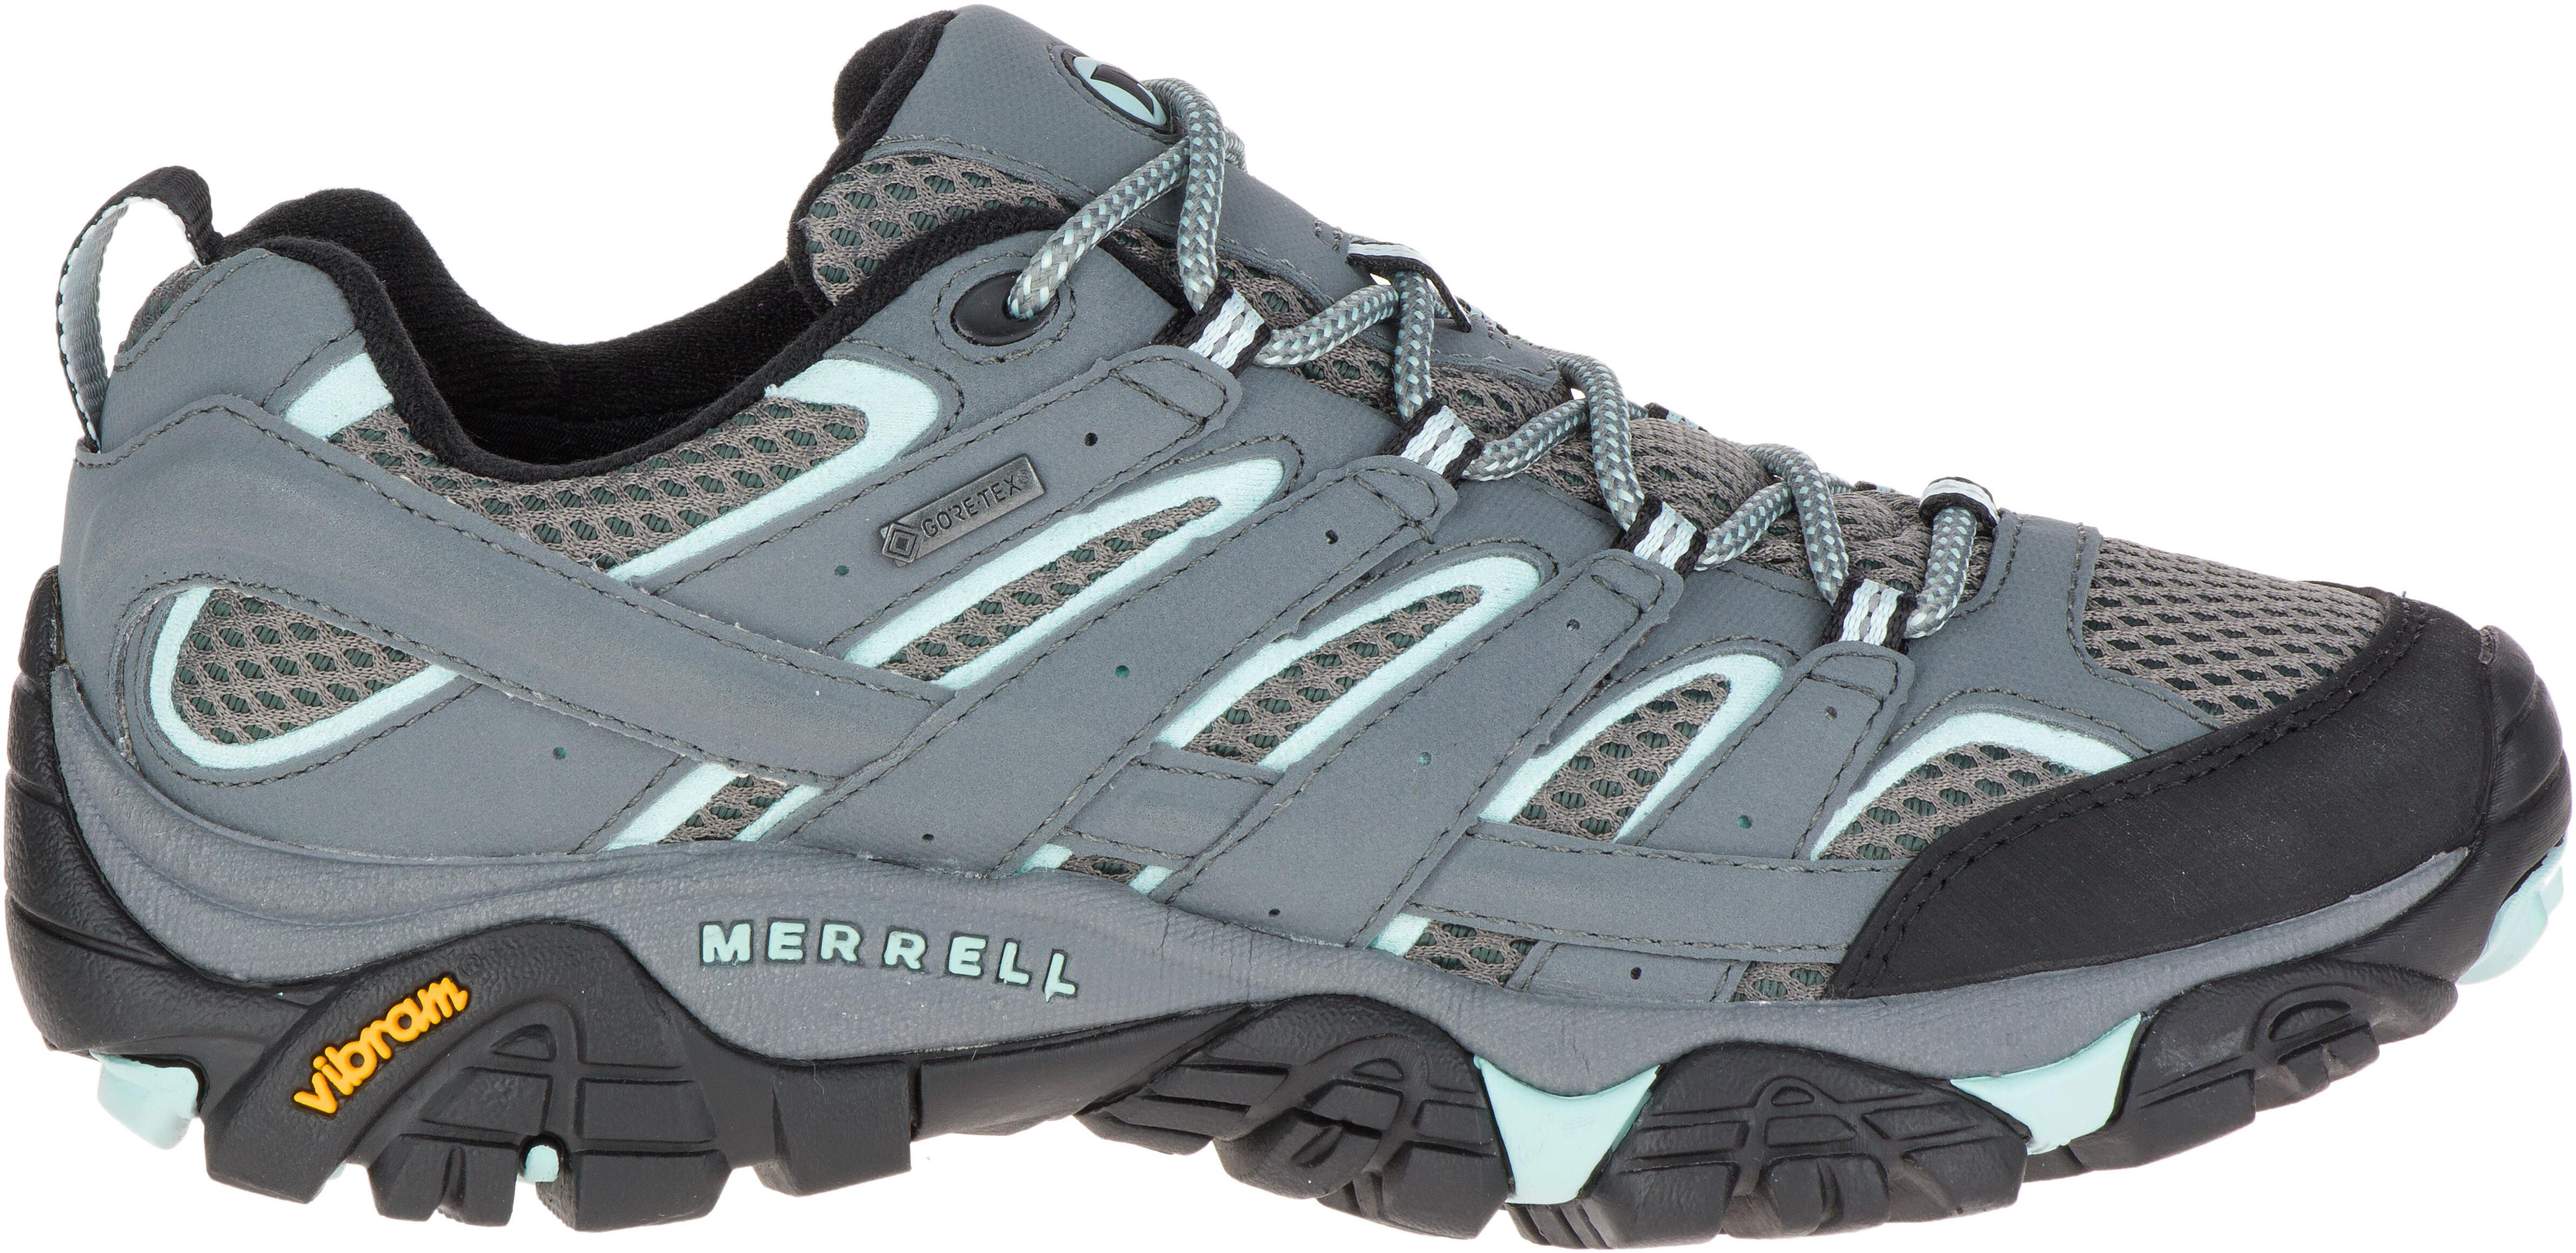 252acfd345a87 Merrell Moab 2 GTX - Calzado Mujer - gris